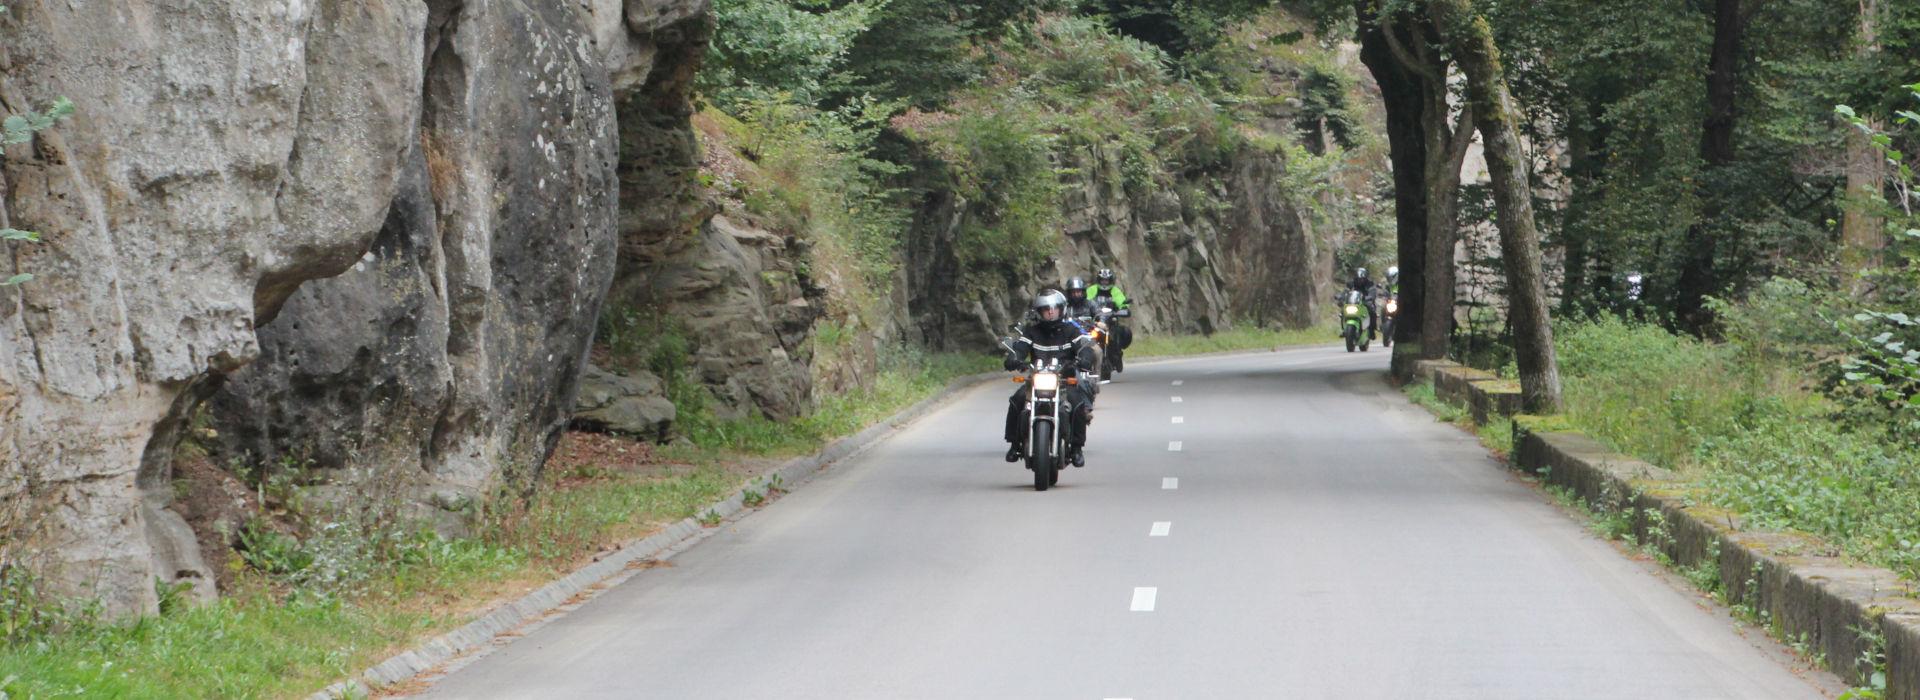 Motorrijbewijspoint Leiderdorp  motorrijbewijs binnen 1 week